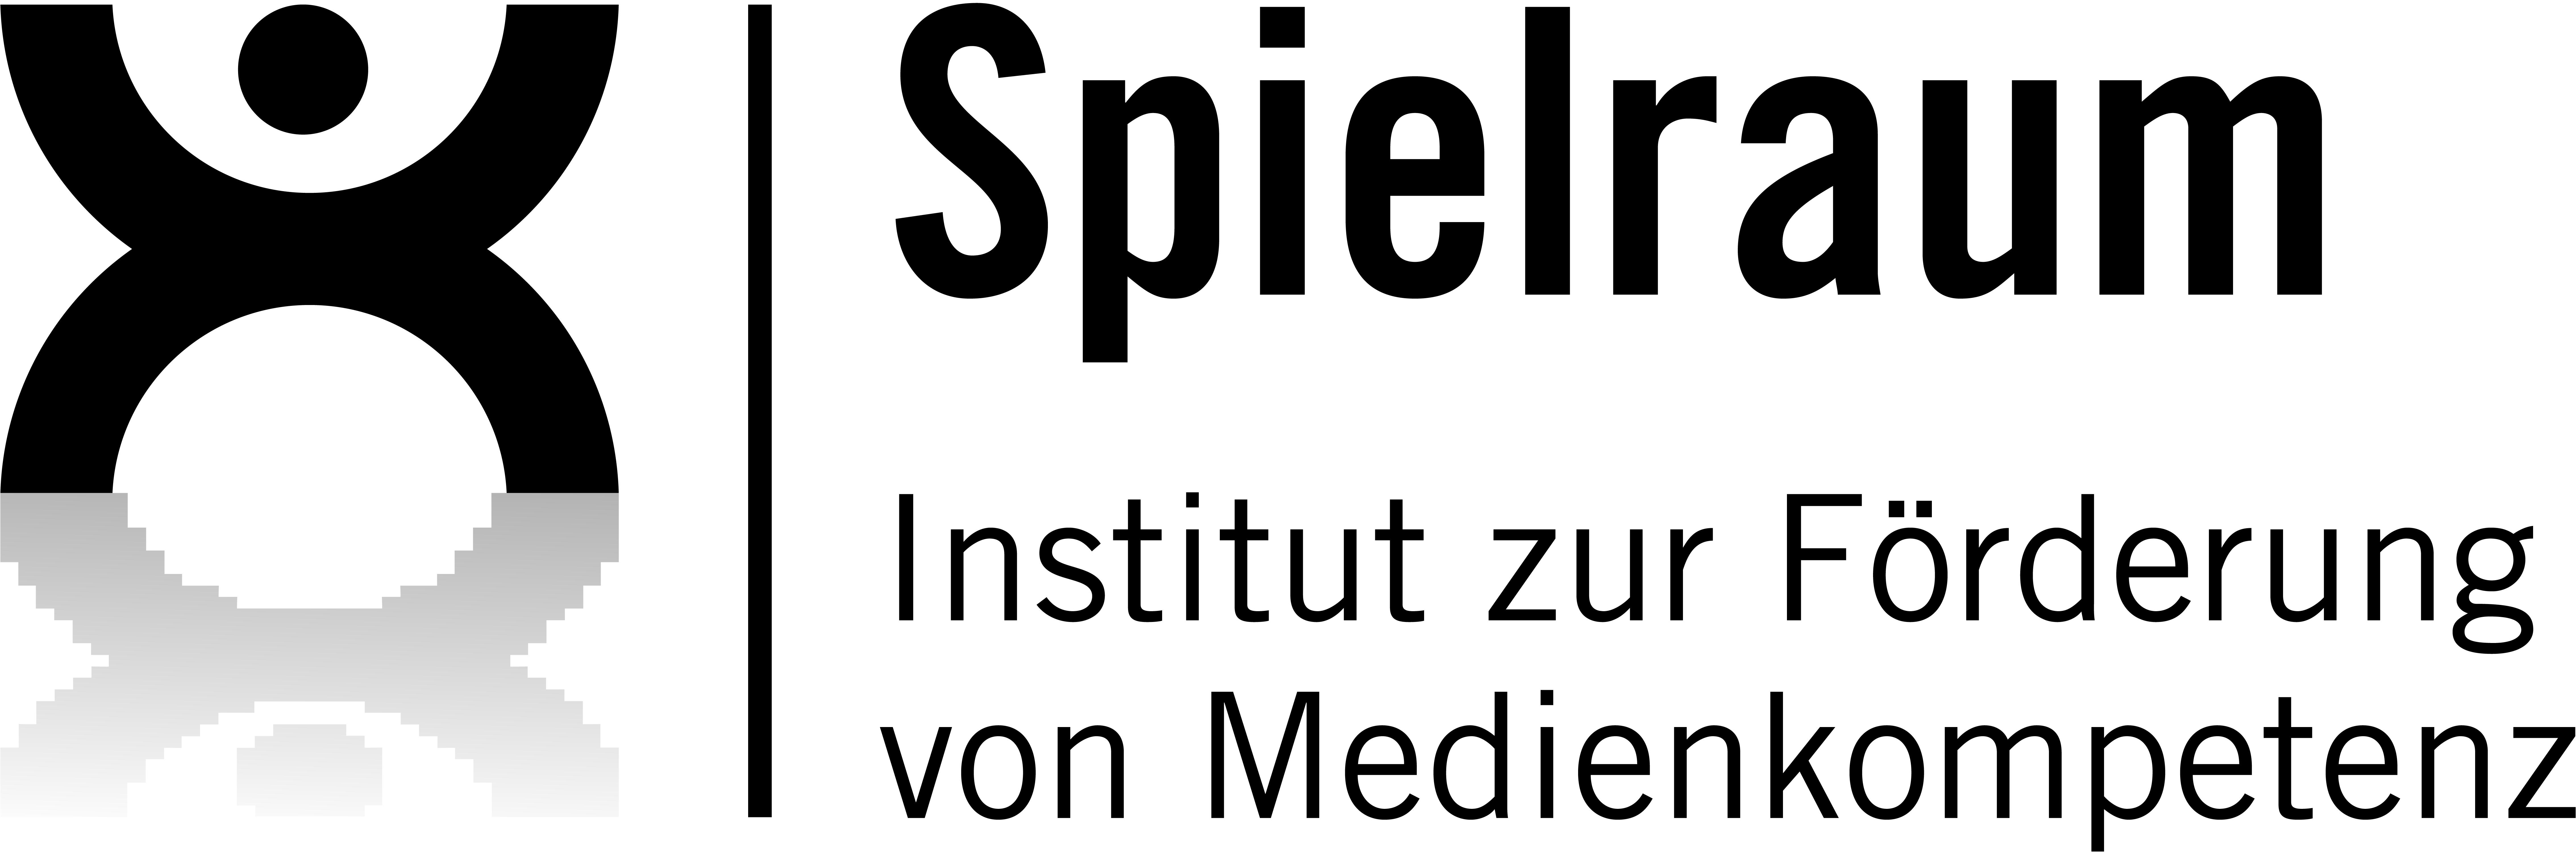 www1.fh-koeln.de/spielraum/